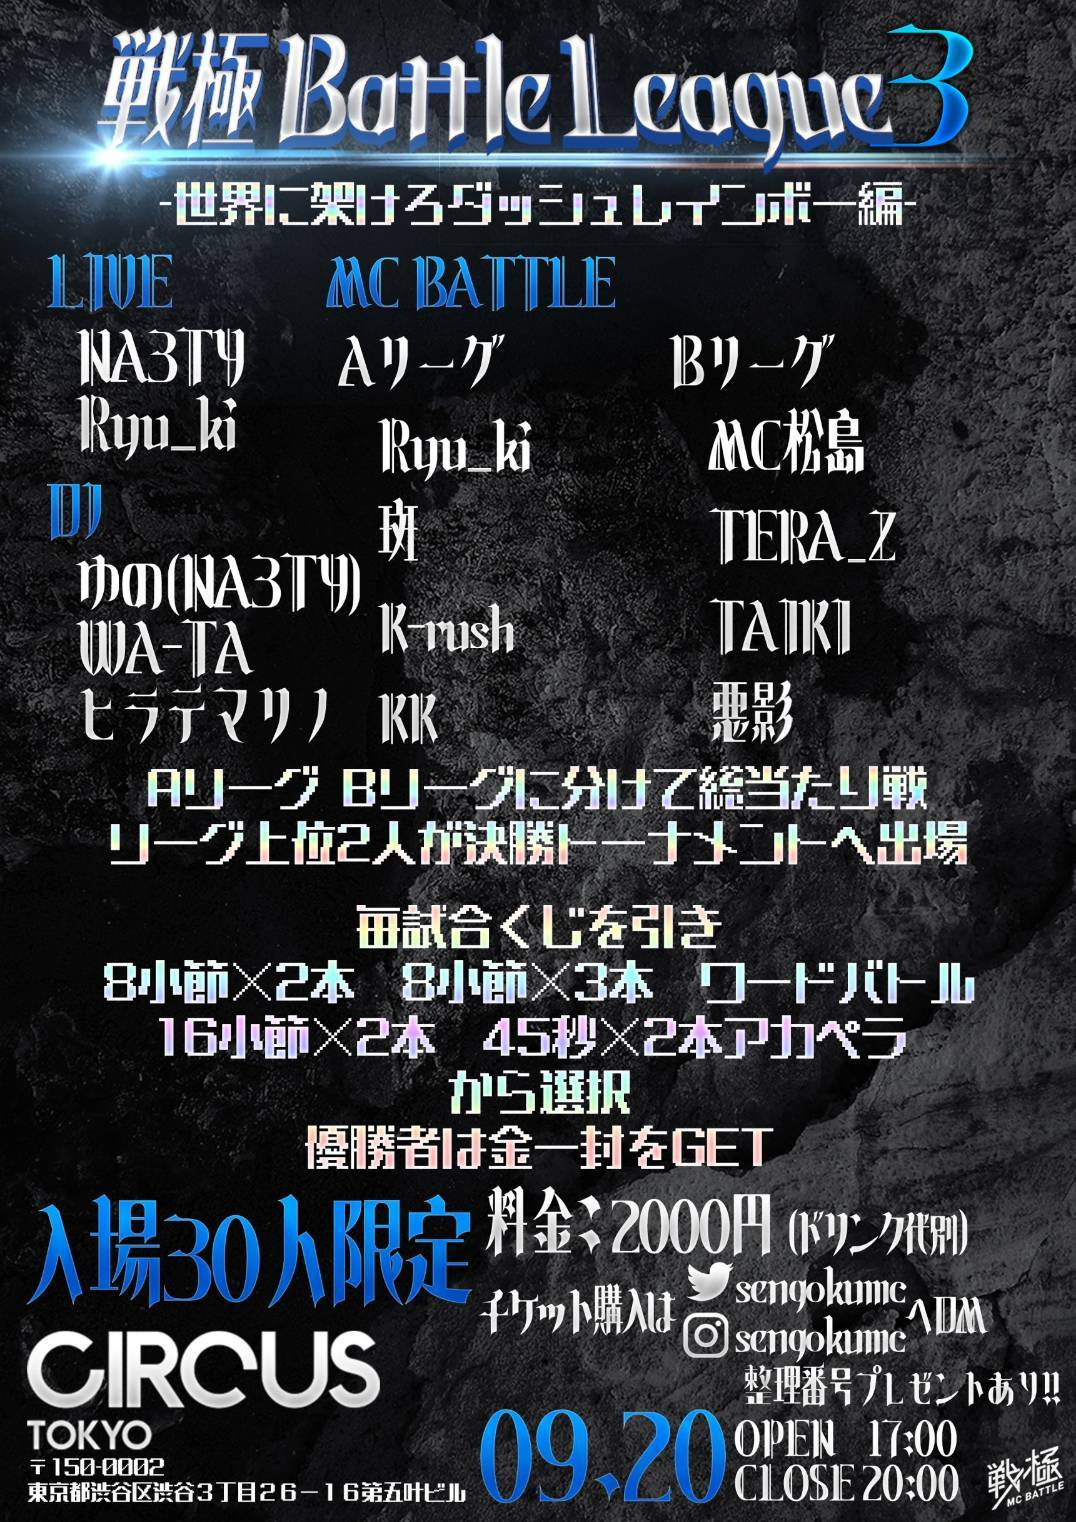 9/20 戦極挑戦者求ム2&戦極BATTLE LEAGUE3 タイムテーブル公開_e0246863_20170093.jpg